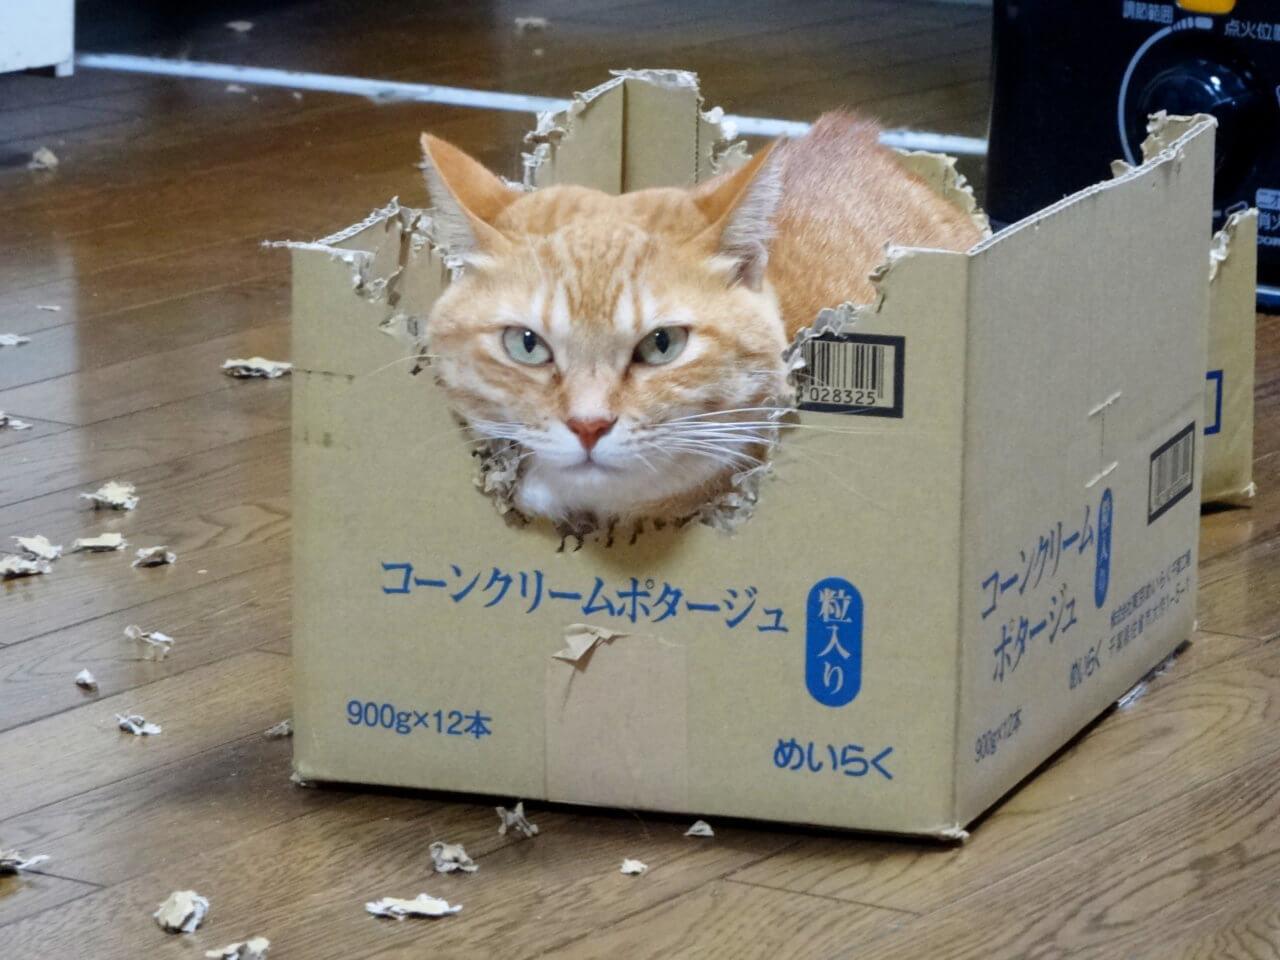 名前:ちこ 年齢:4歳 性別:メス  種類:日本猫(茶トラ)遊び